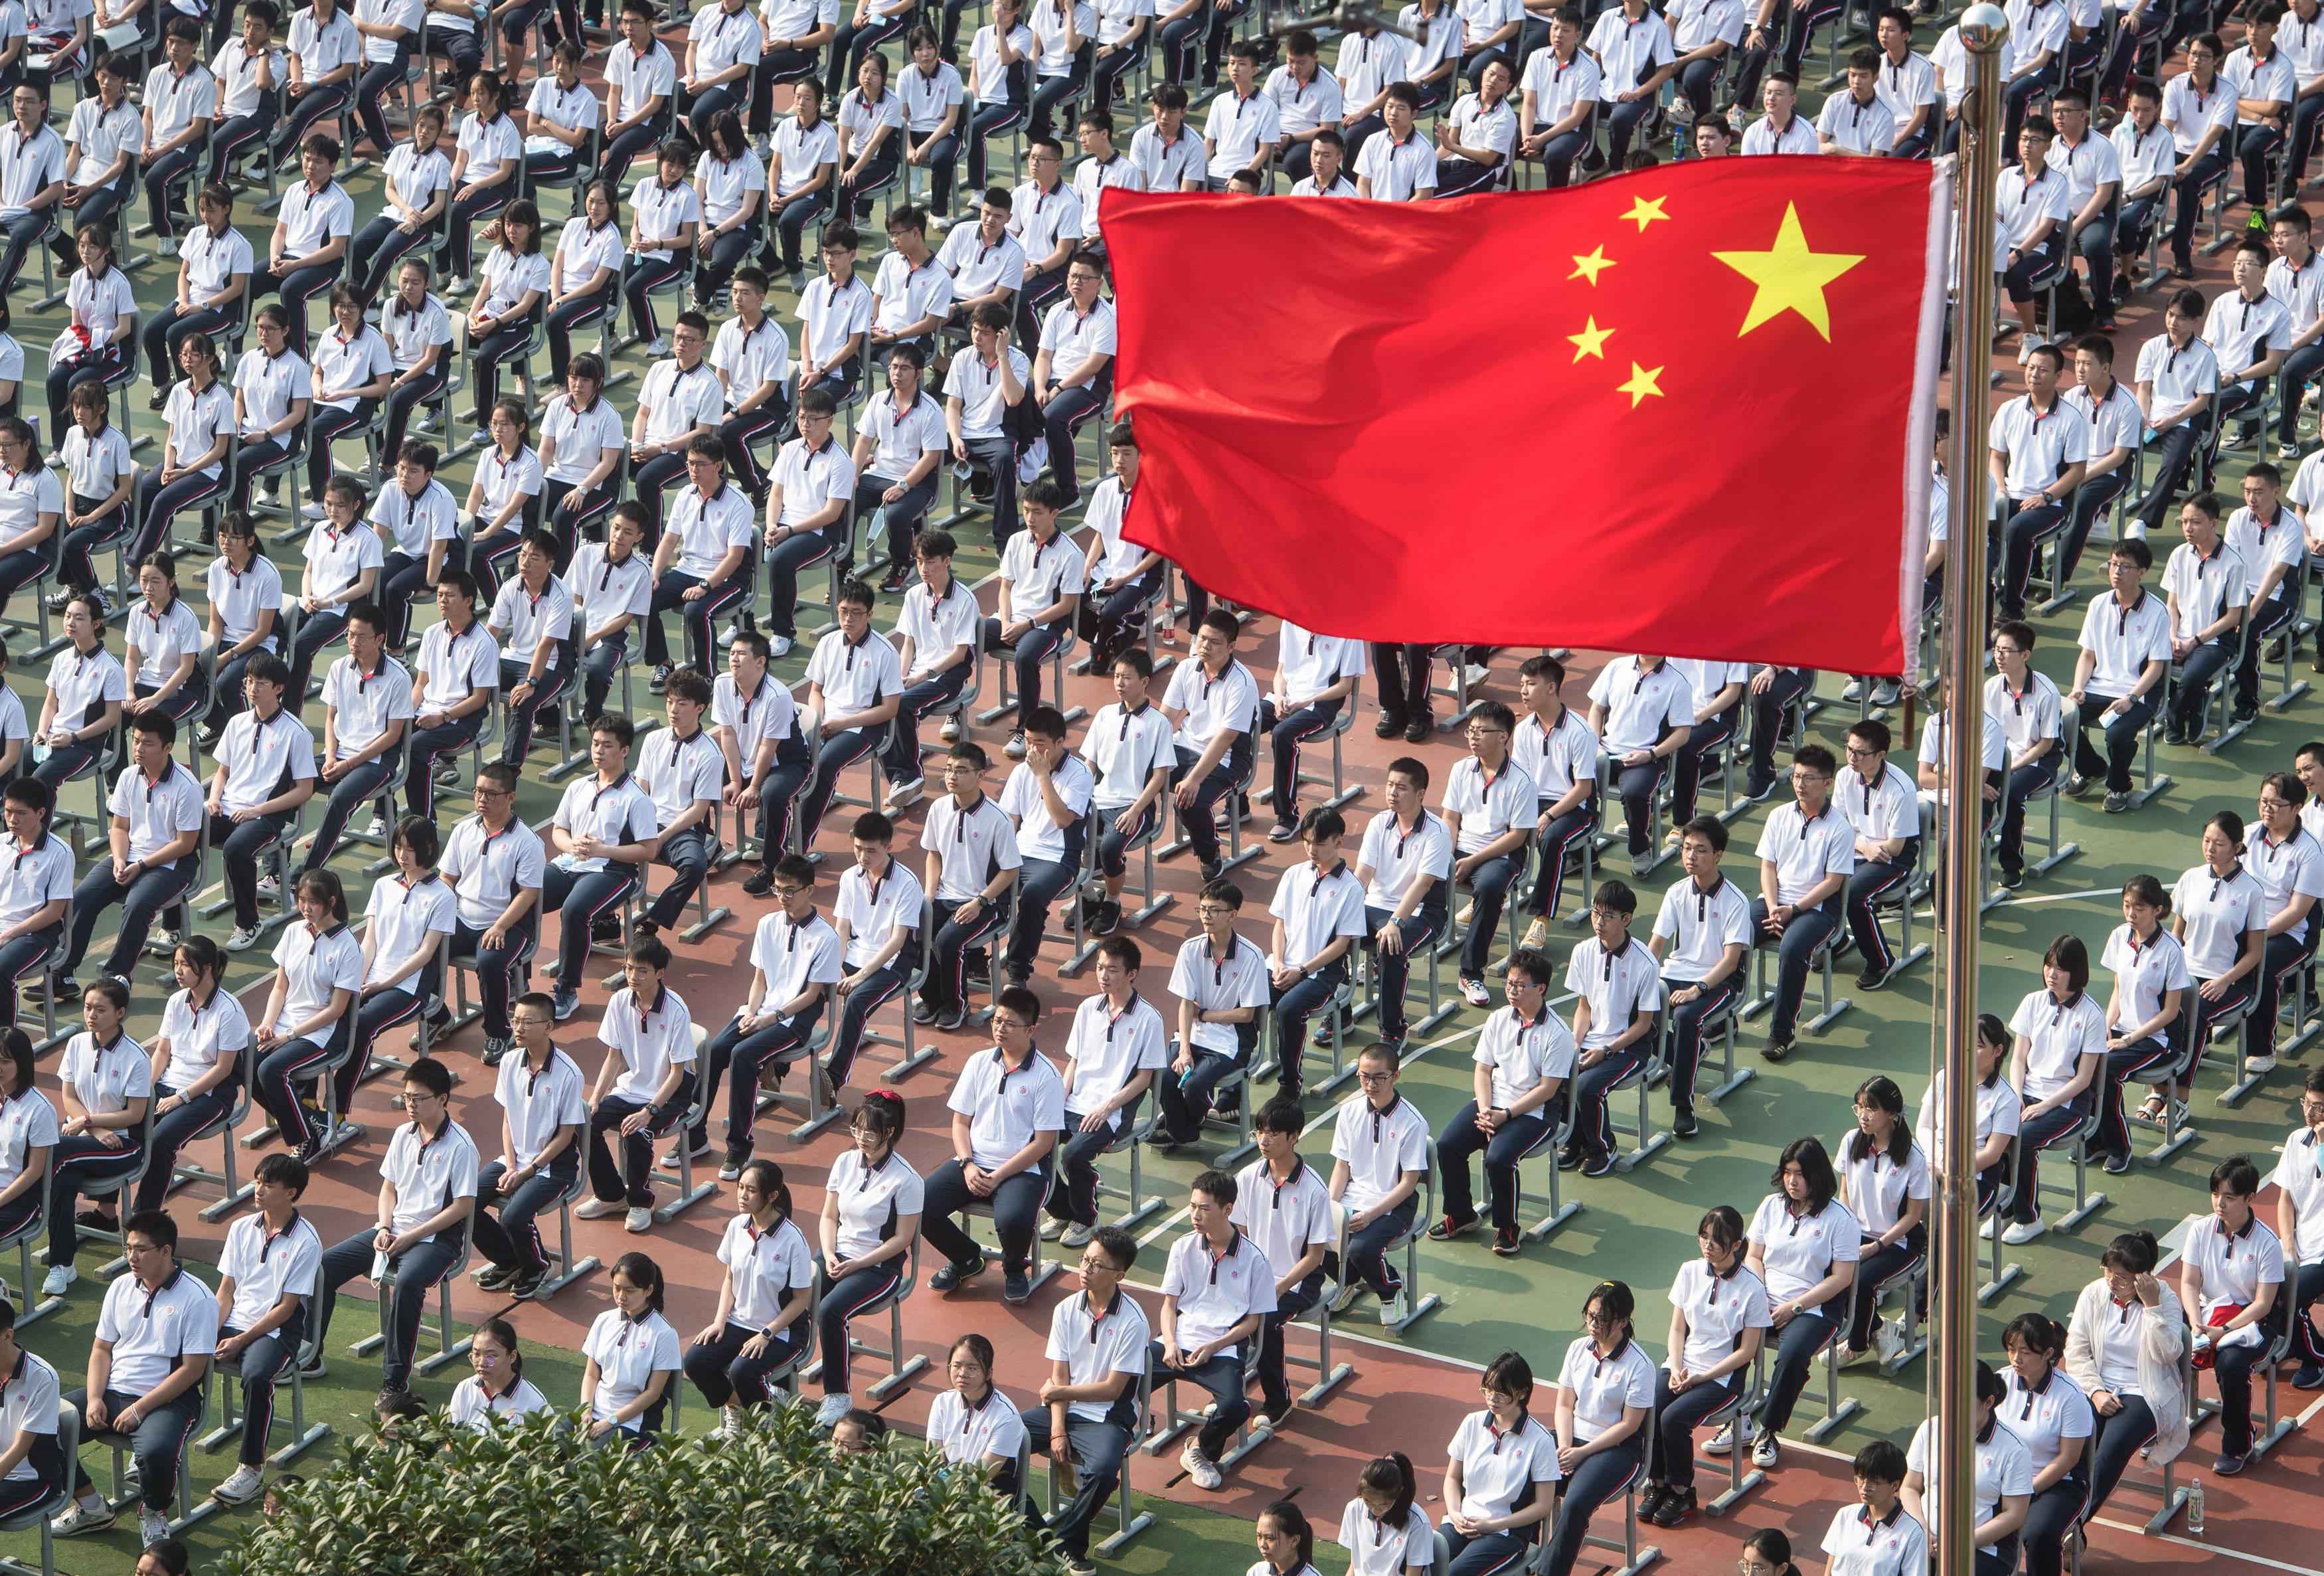 【扬州快猫网址】_华尔街日报展示武汉复课,感叹中国取得象征性胜利